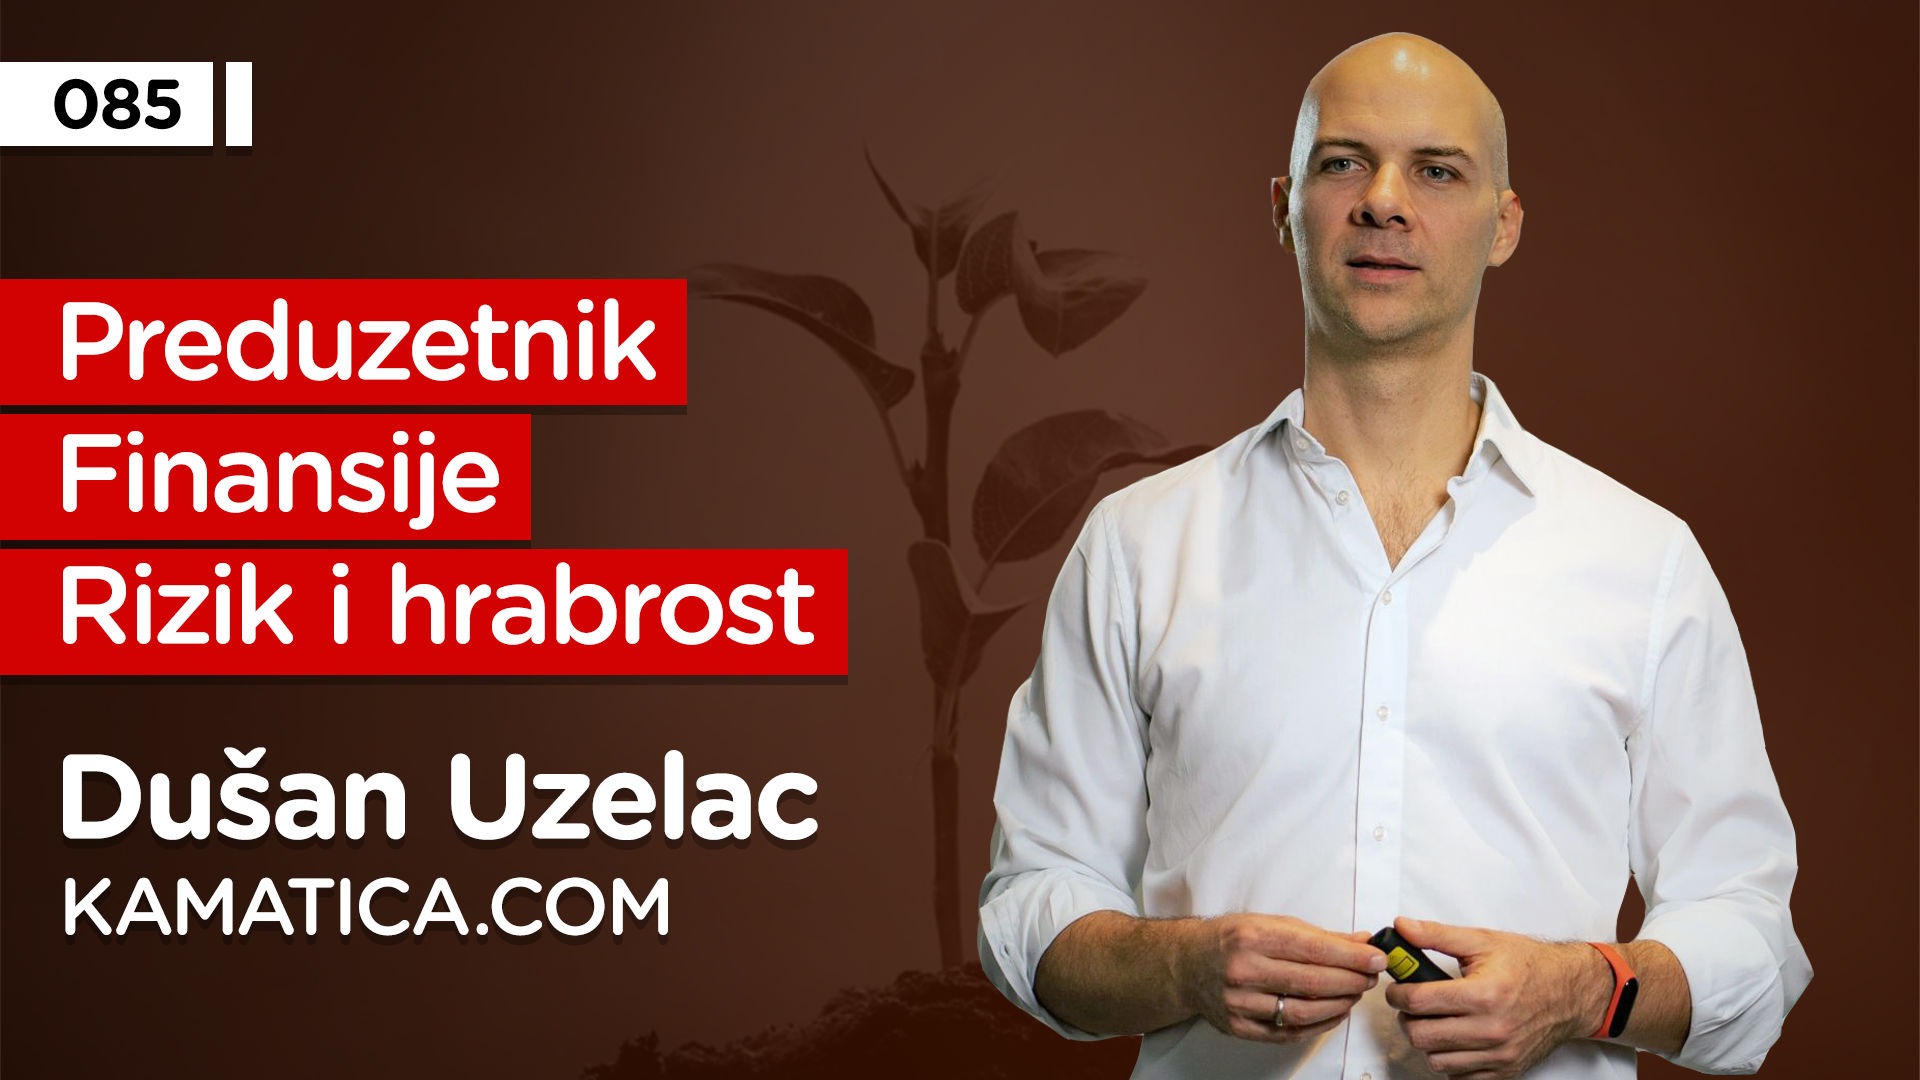 EP085: Dušan Uzelac